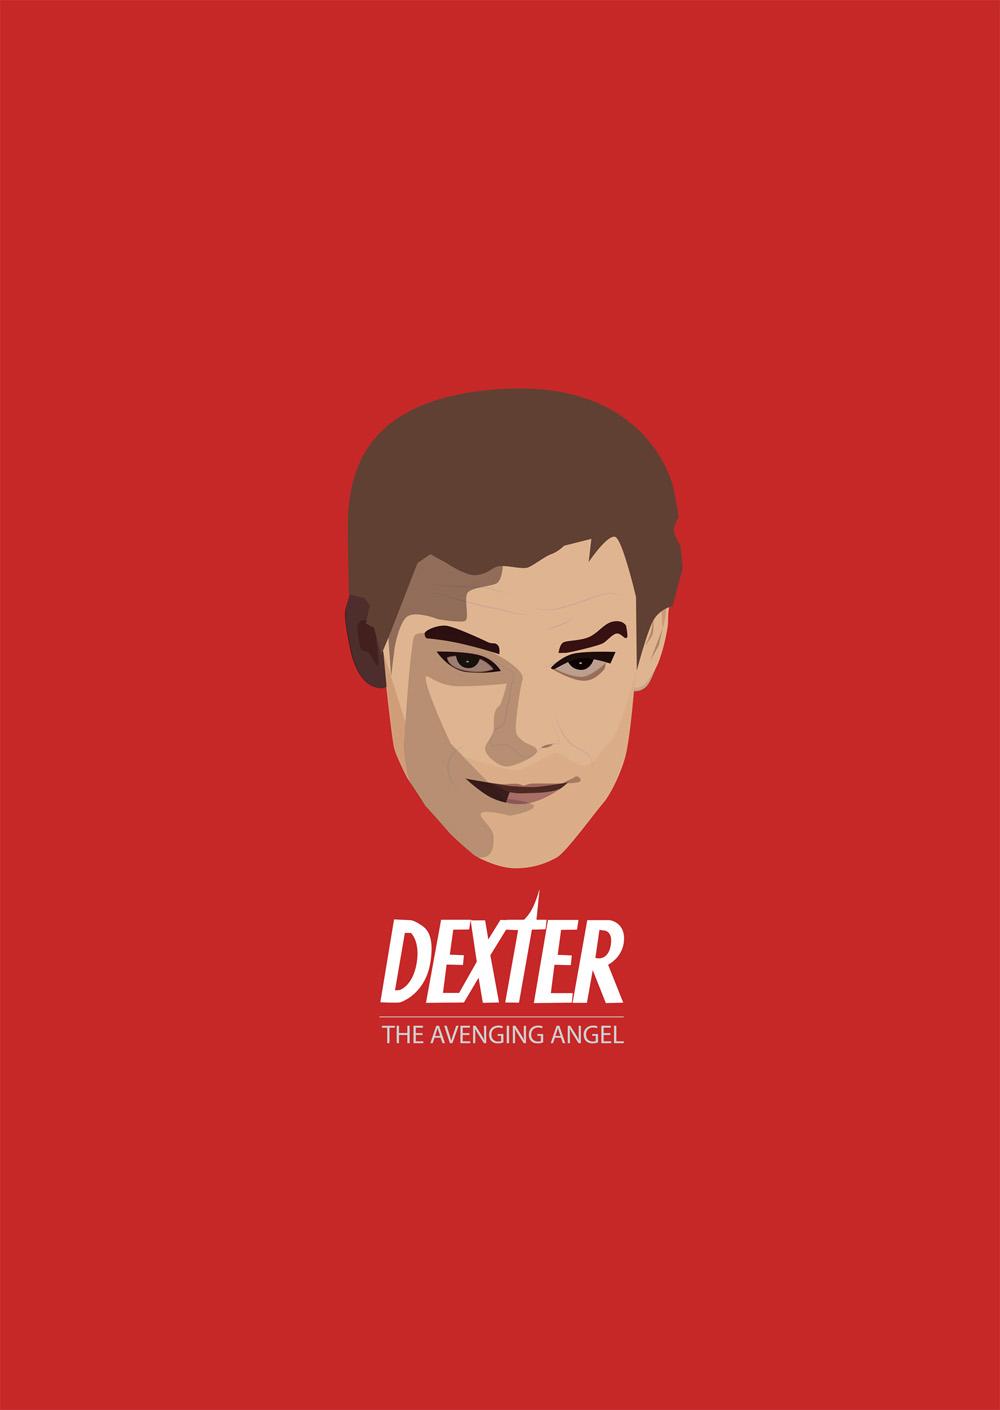 dexter_33